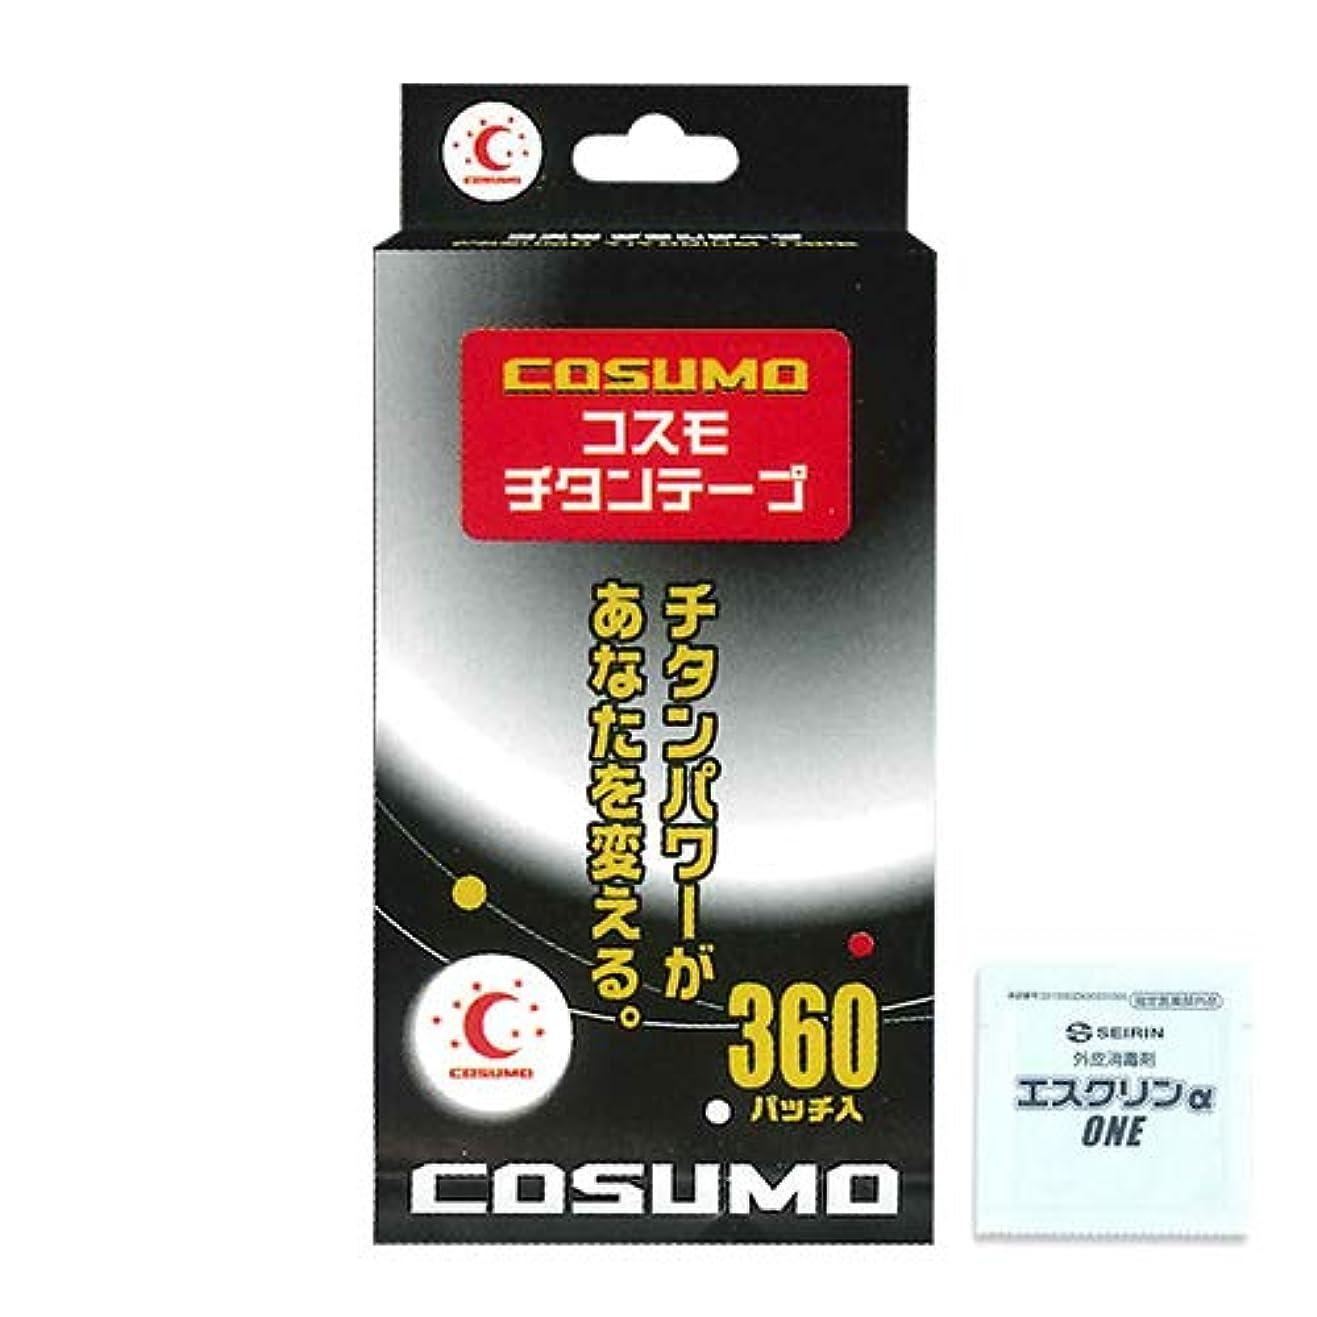 雪乳剤ボード日進医療器:コスモチタンテープ 360パッチ入×2個セット + エスクリンONE1包セット